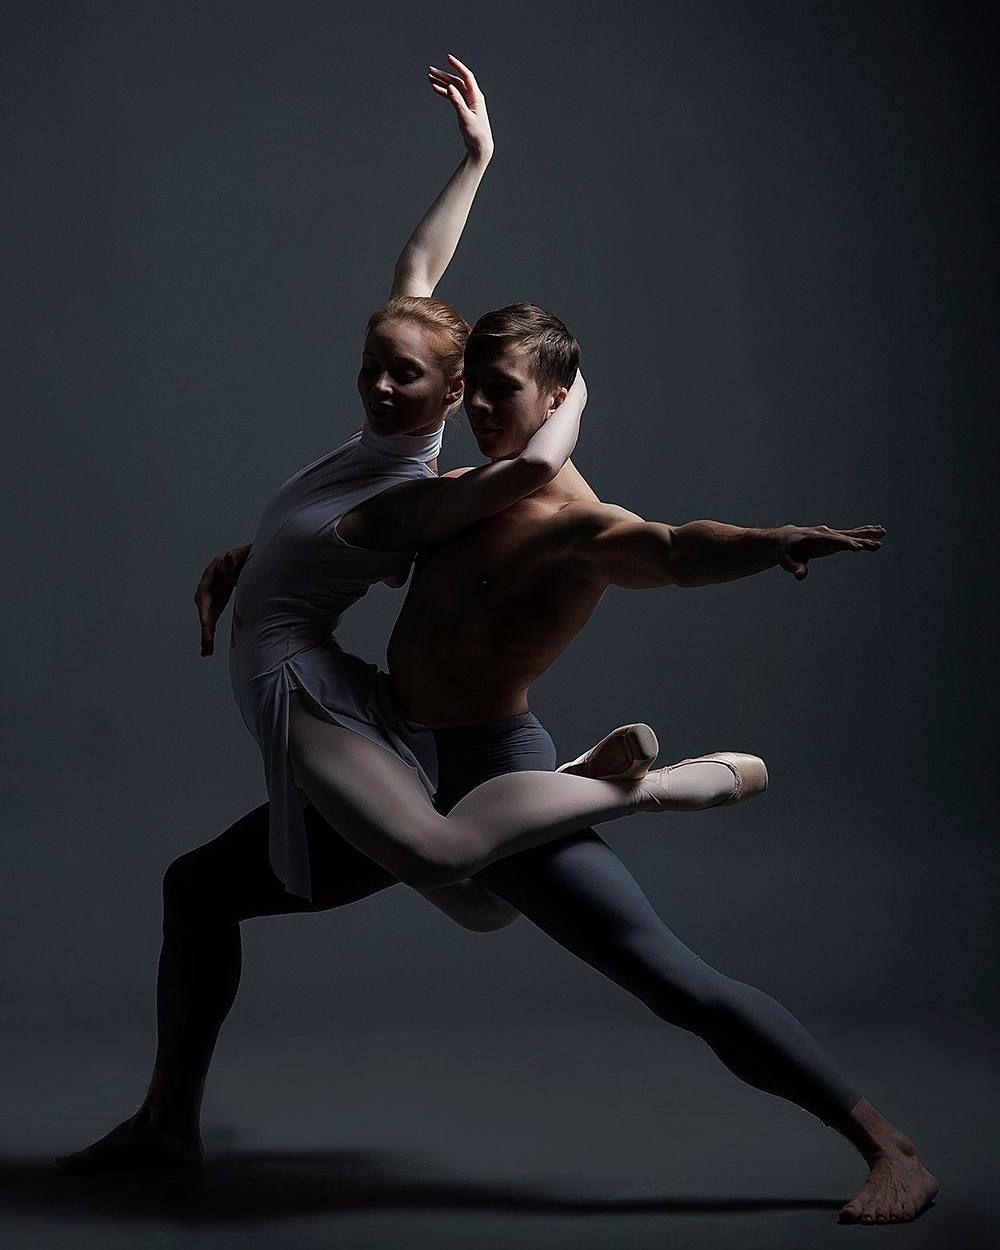 La danse classique fait-elle maigrir ?